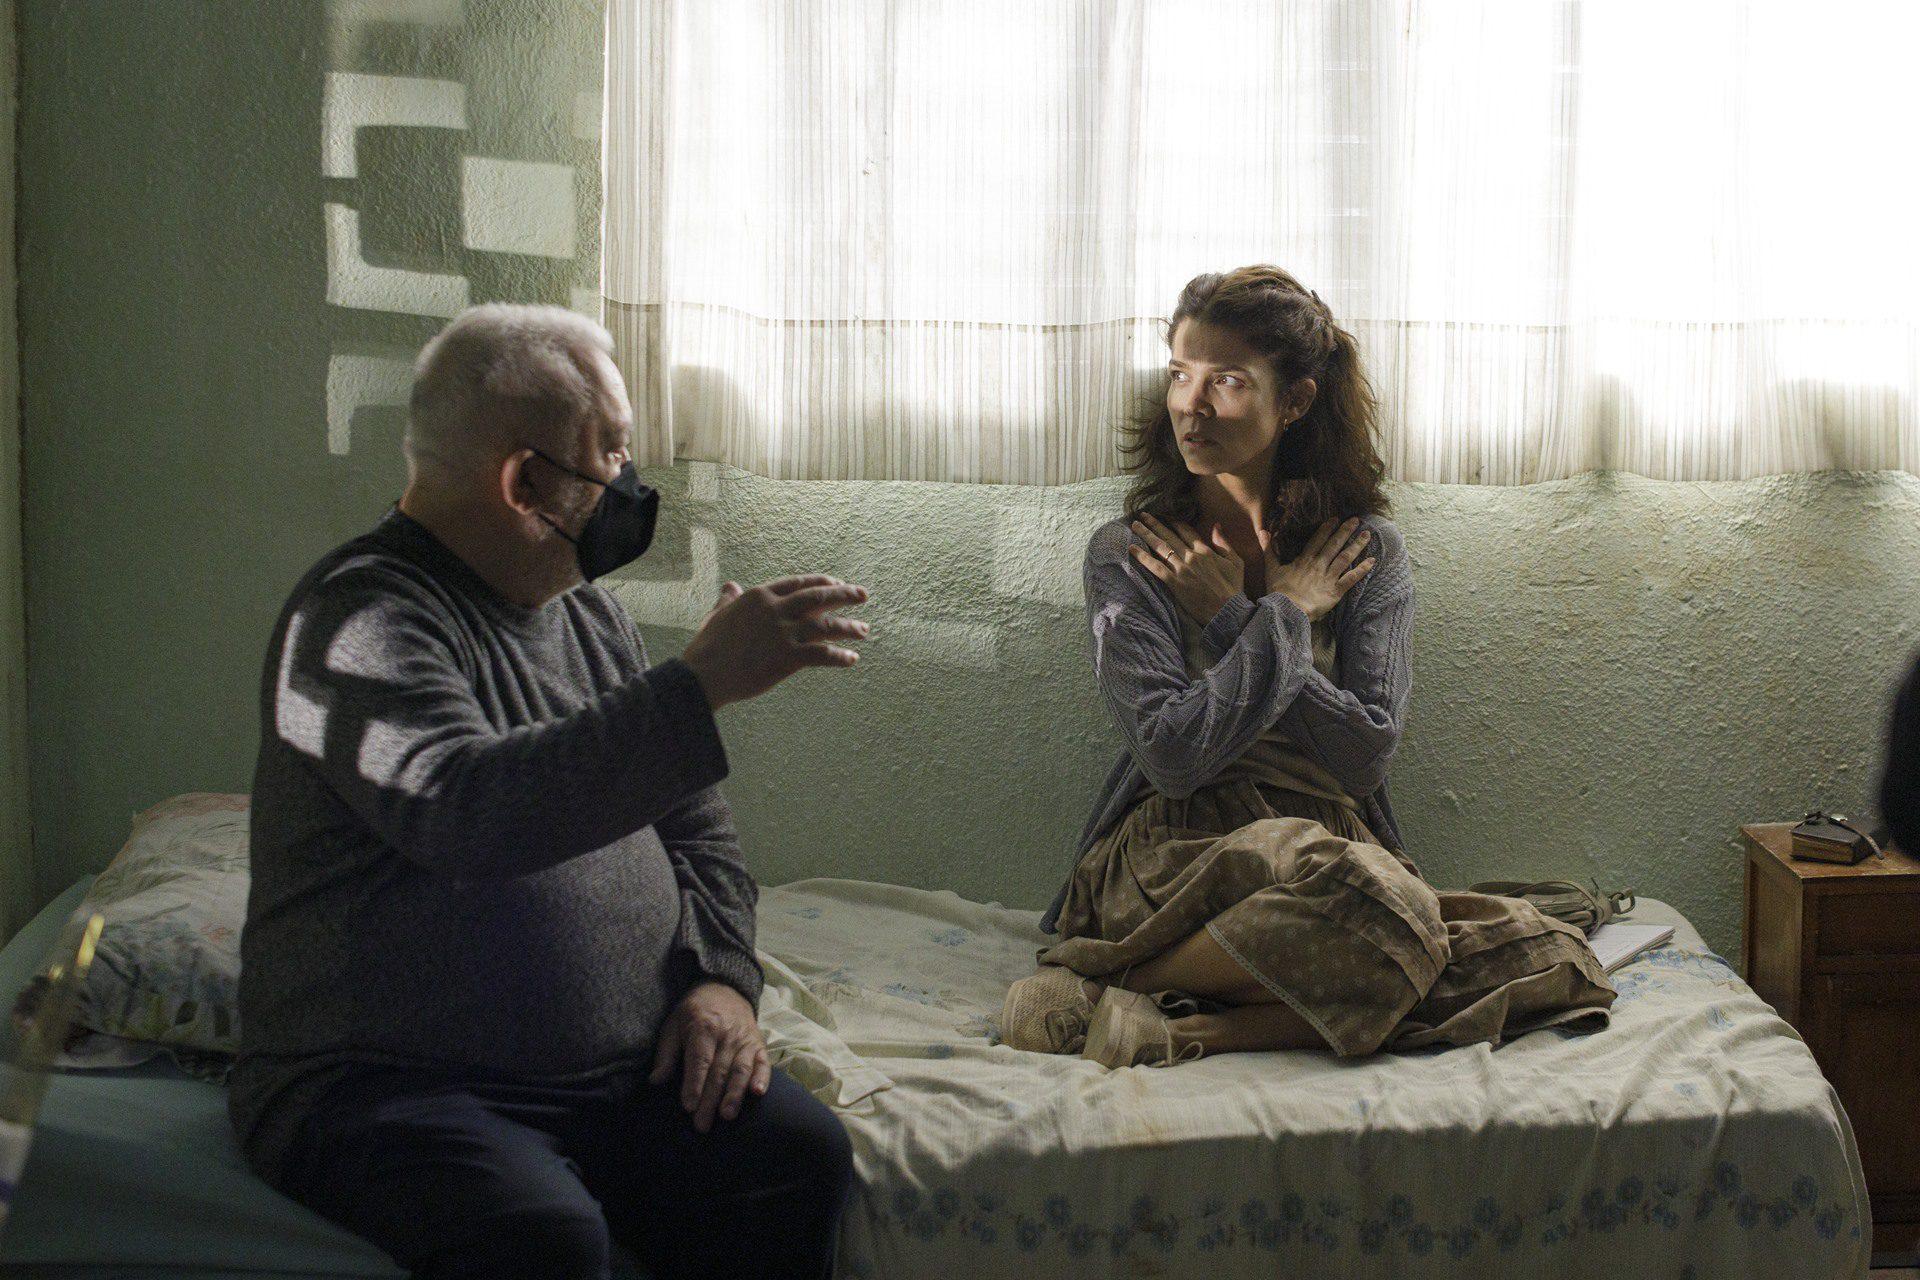 Juana Acosta e Imanol Uribe durante el rodaje de La mirada de Lucía.